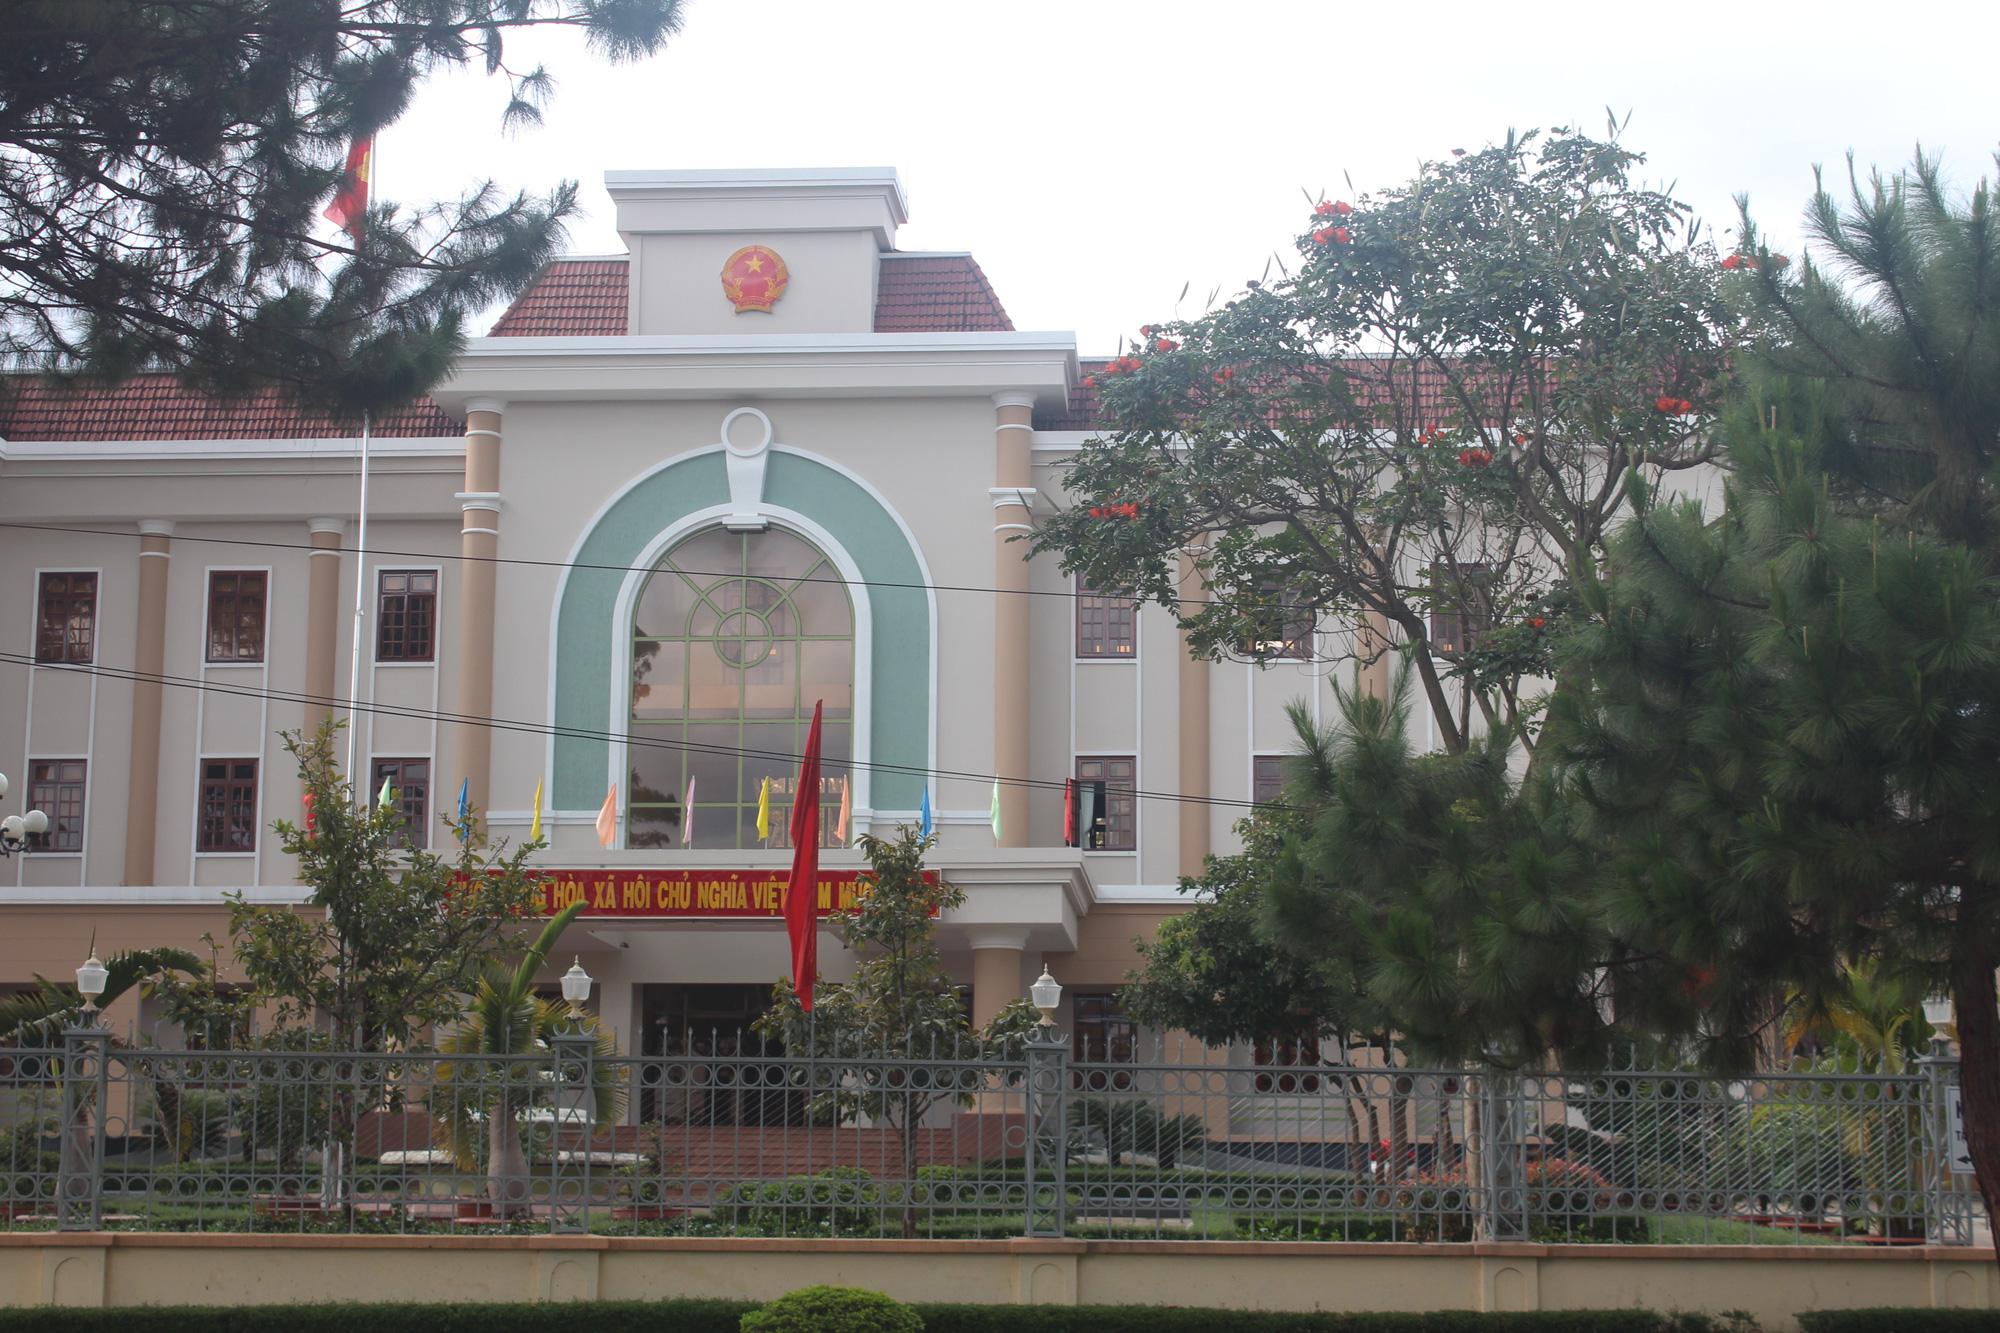 Bầu đại biểu Hội đồng Nhân dân tỉnh, Gia Lai sẽ loại 20 người - Ảnh 1.